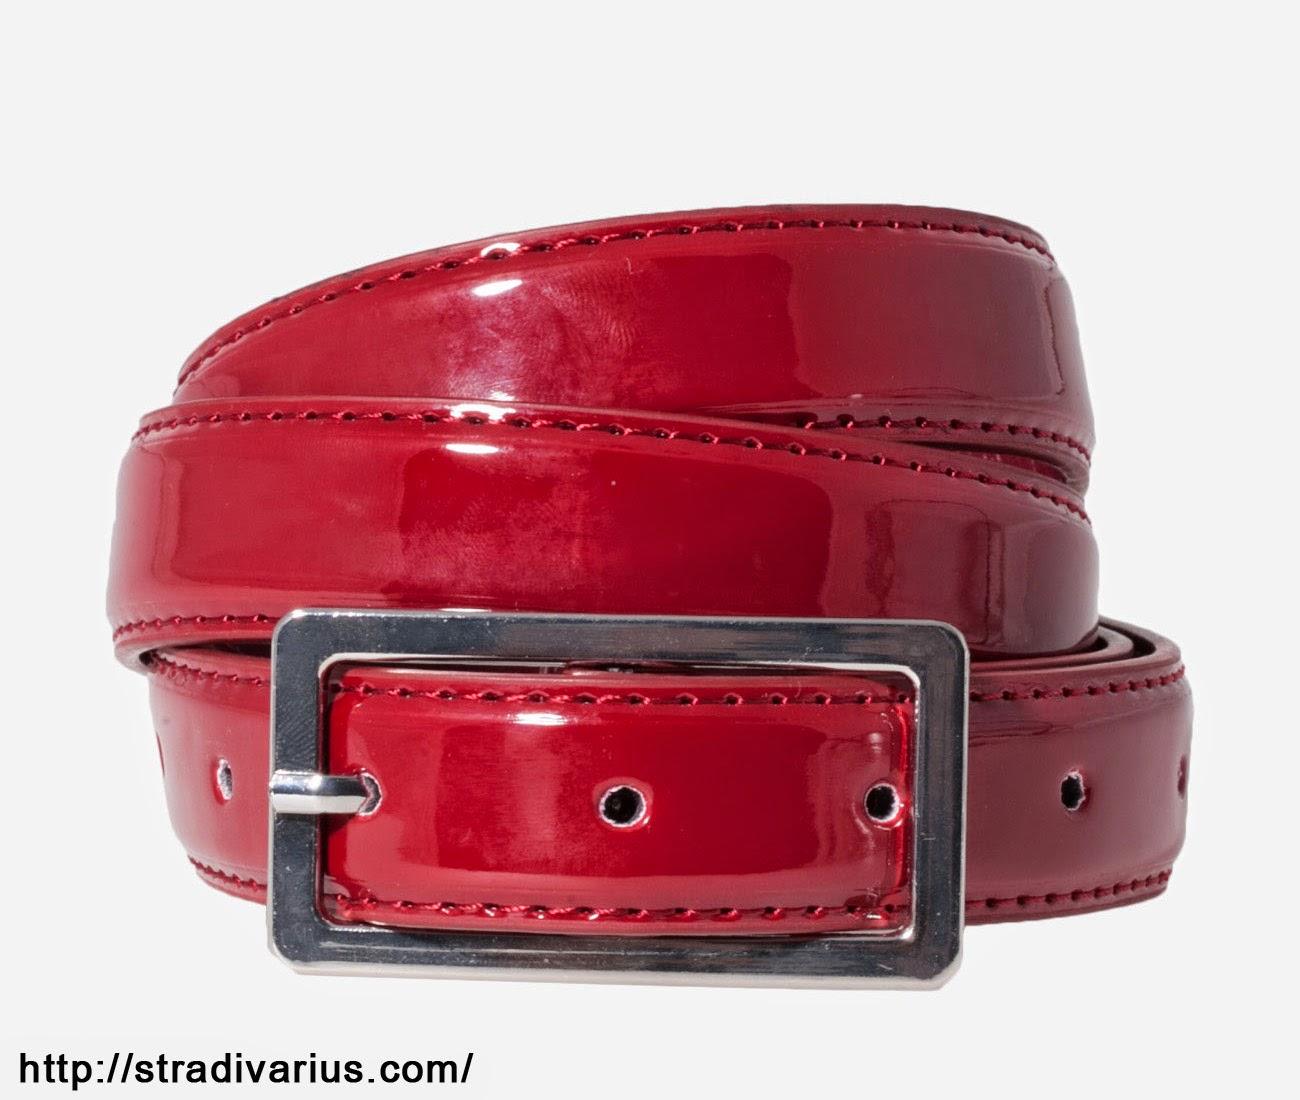 Cinturón/Belt STRADIVARIUS